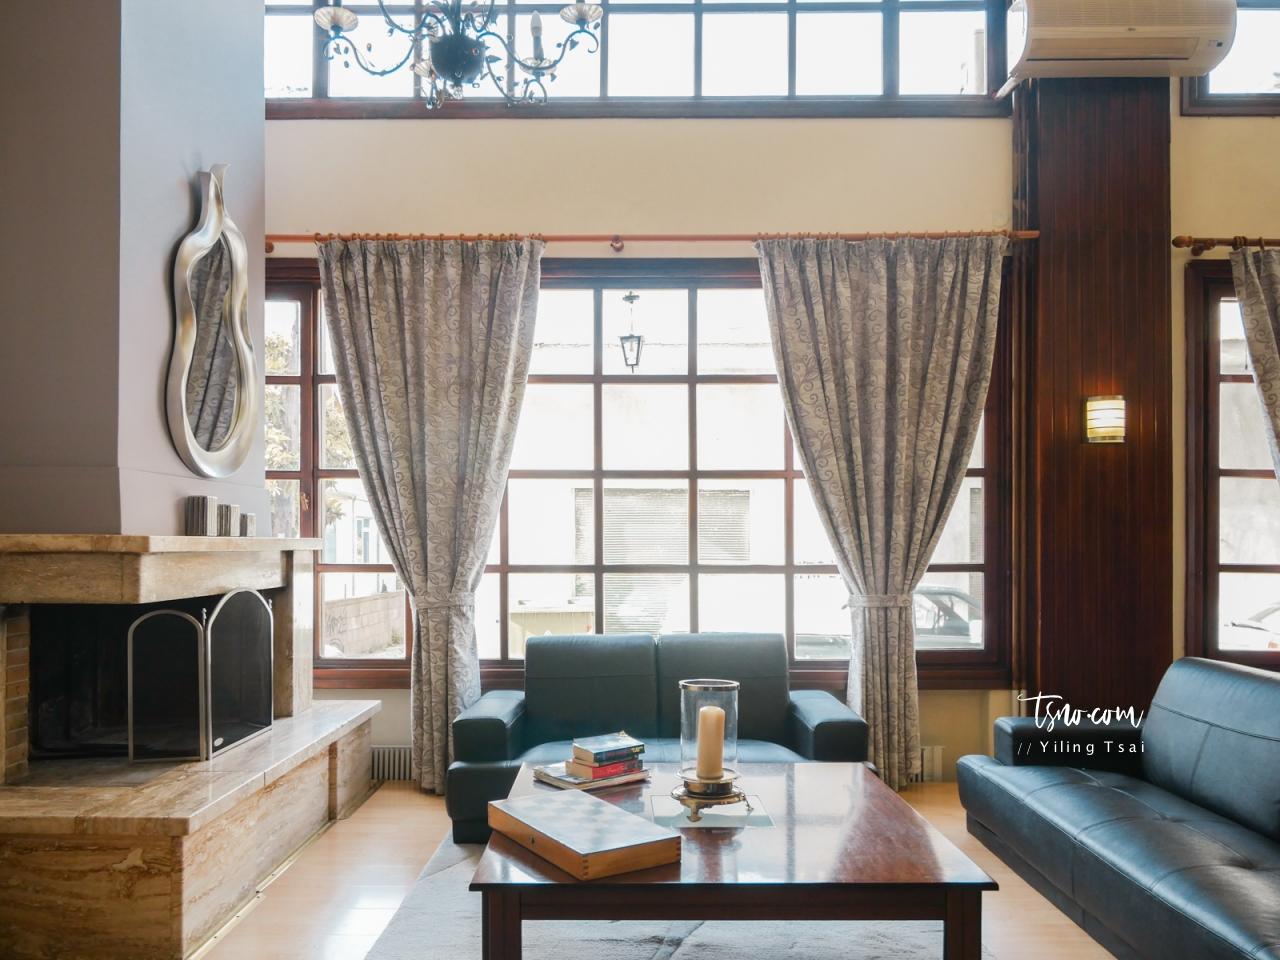 希臘卡蘭巴卡住宿推薦 Galaxy Hotel Kalampaka 火車站附近平價住宿